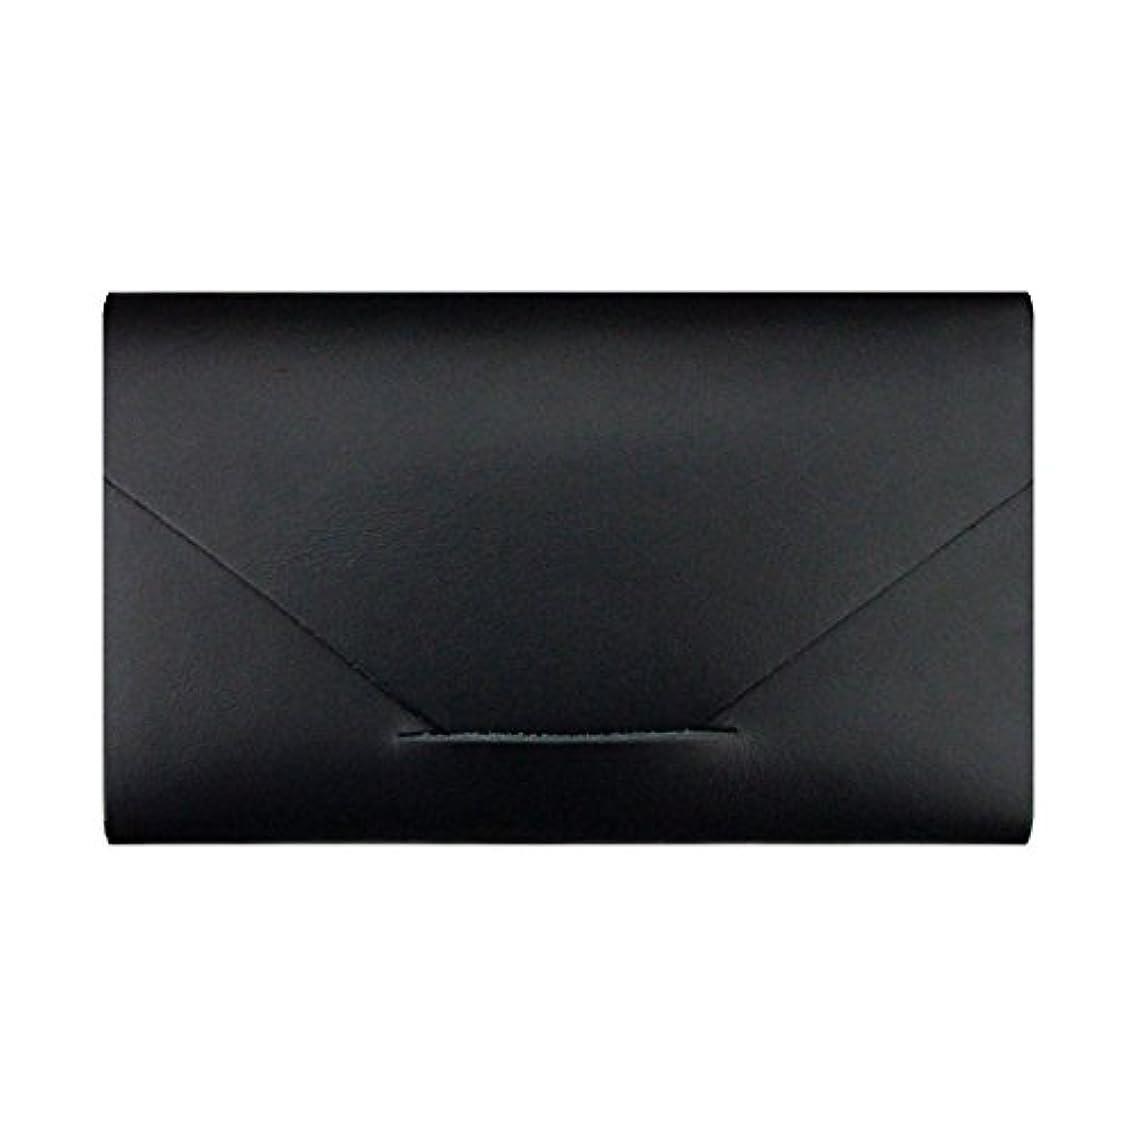 インフルエンザエミュレートするちらつきMODERN AGE TOKYO 2 カードケース(サシェ3種入) ブラック BLACK CARD CASE モダンエイジトウキョウツー